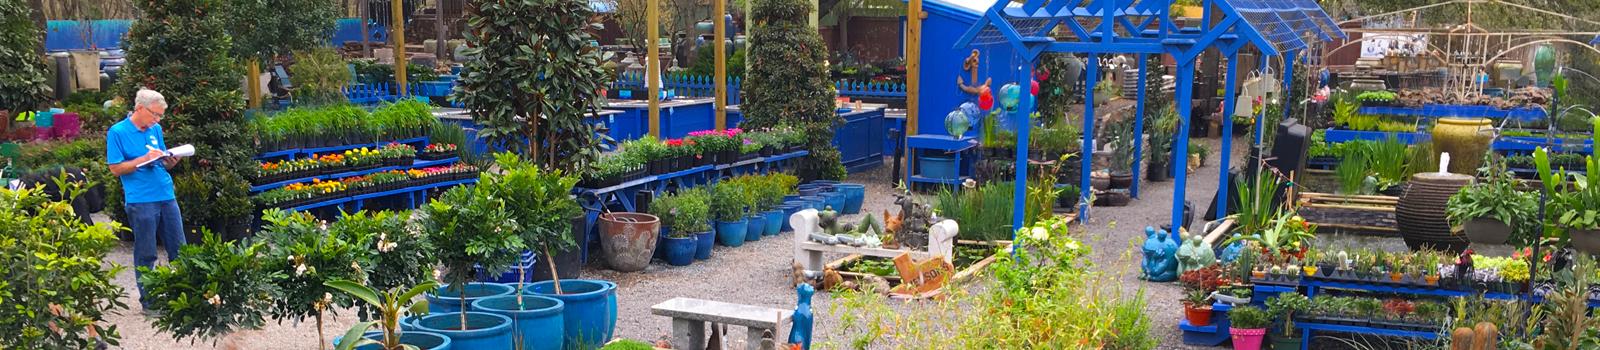 We make Gardening Fun!